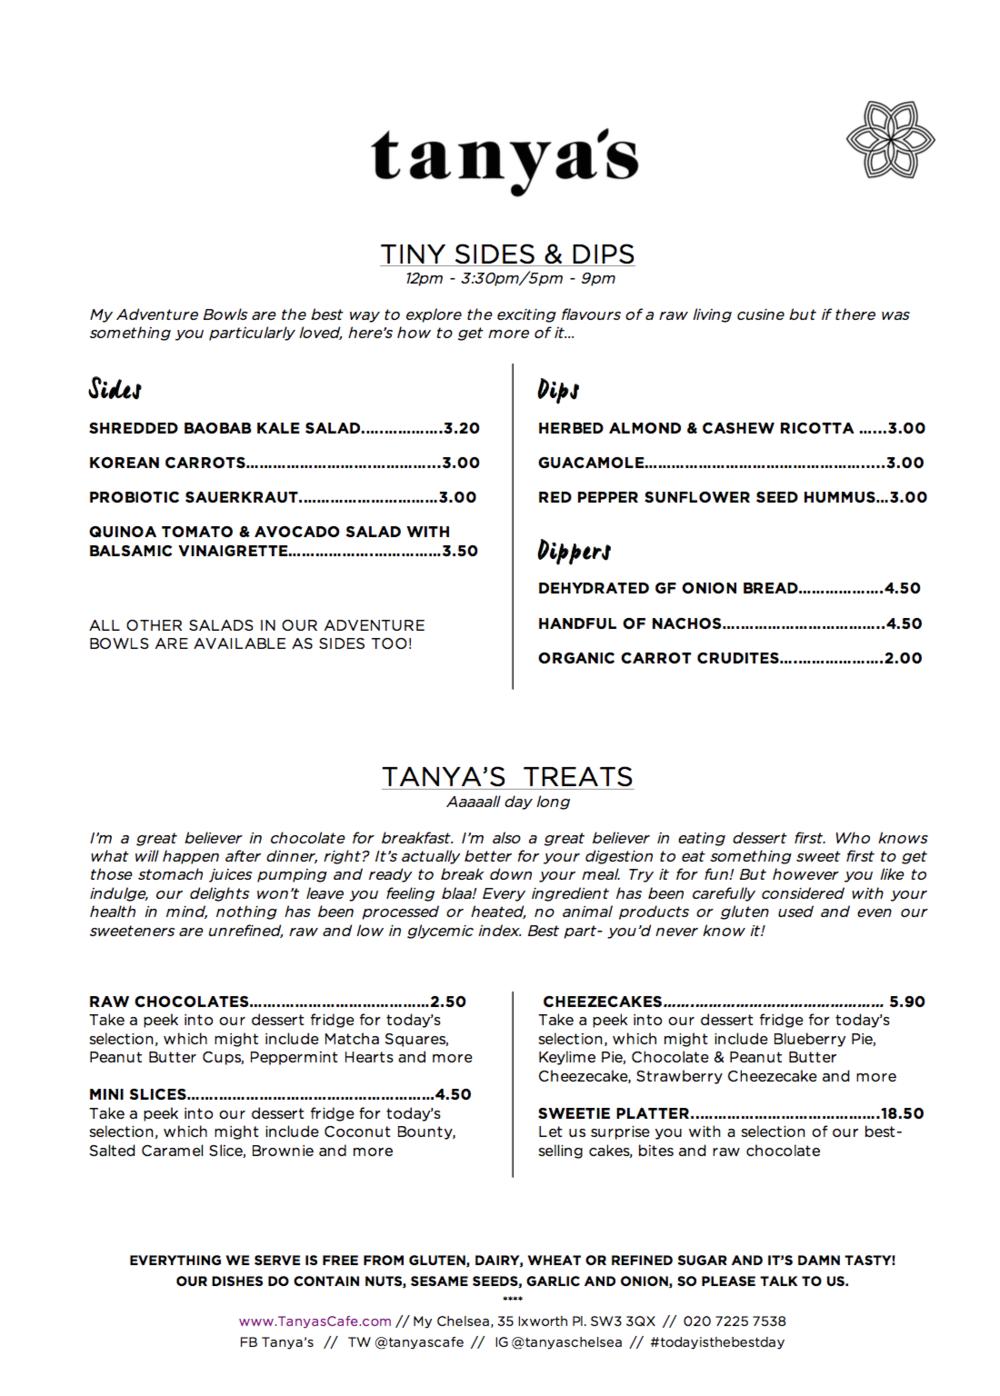 tanya's raw food menu 4